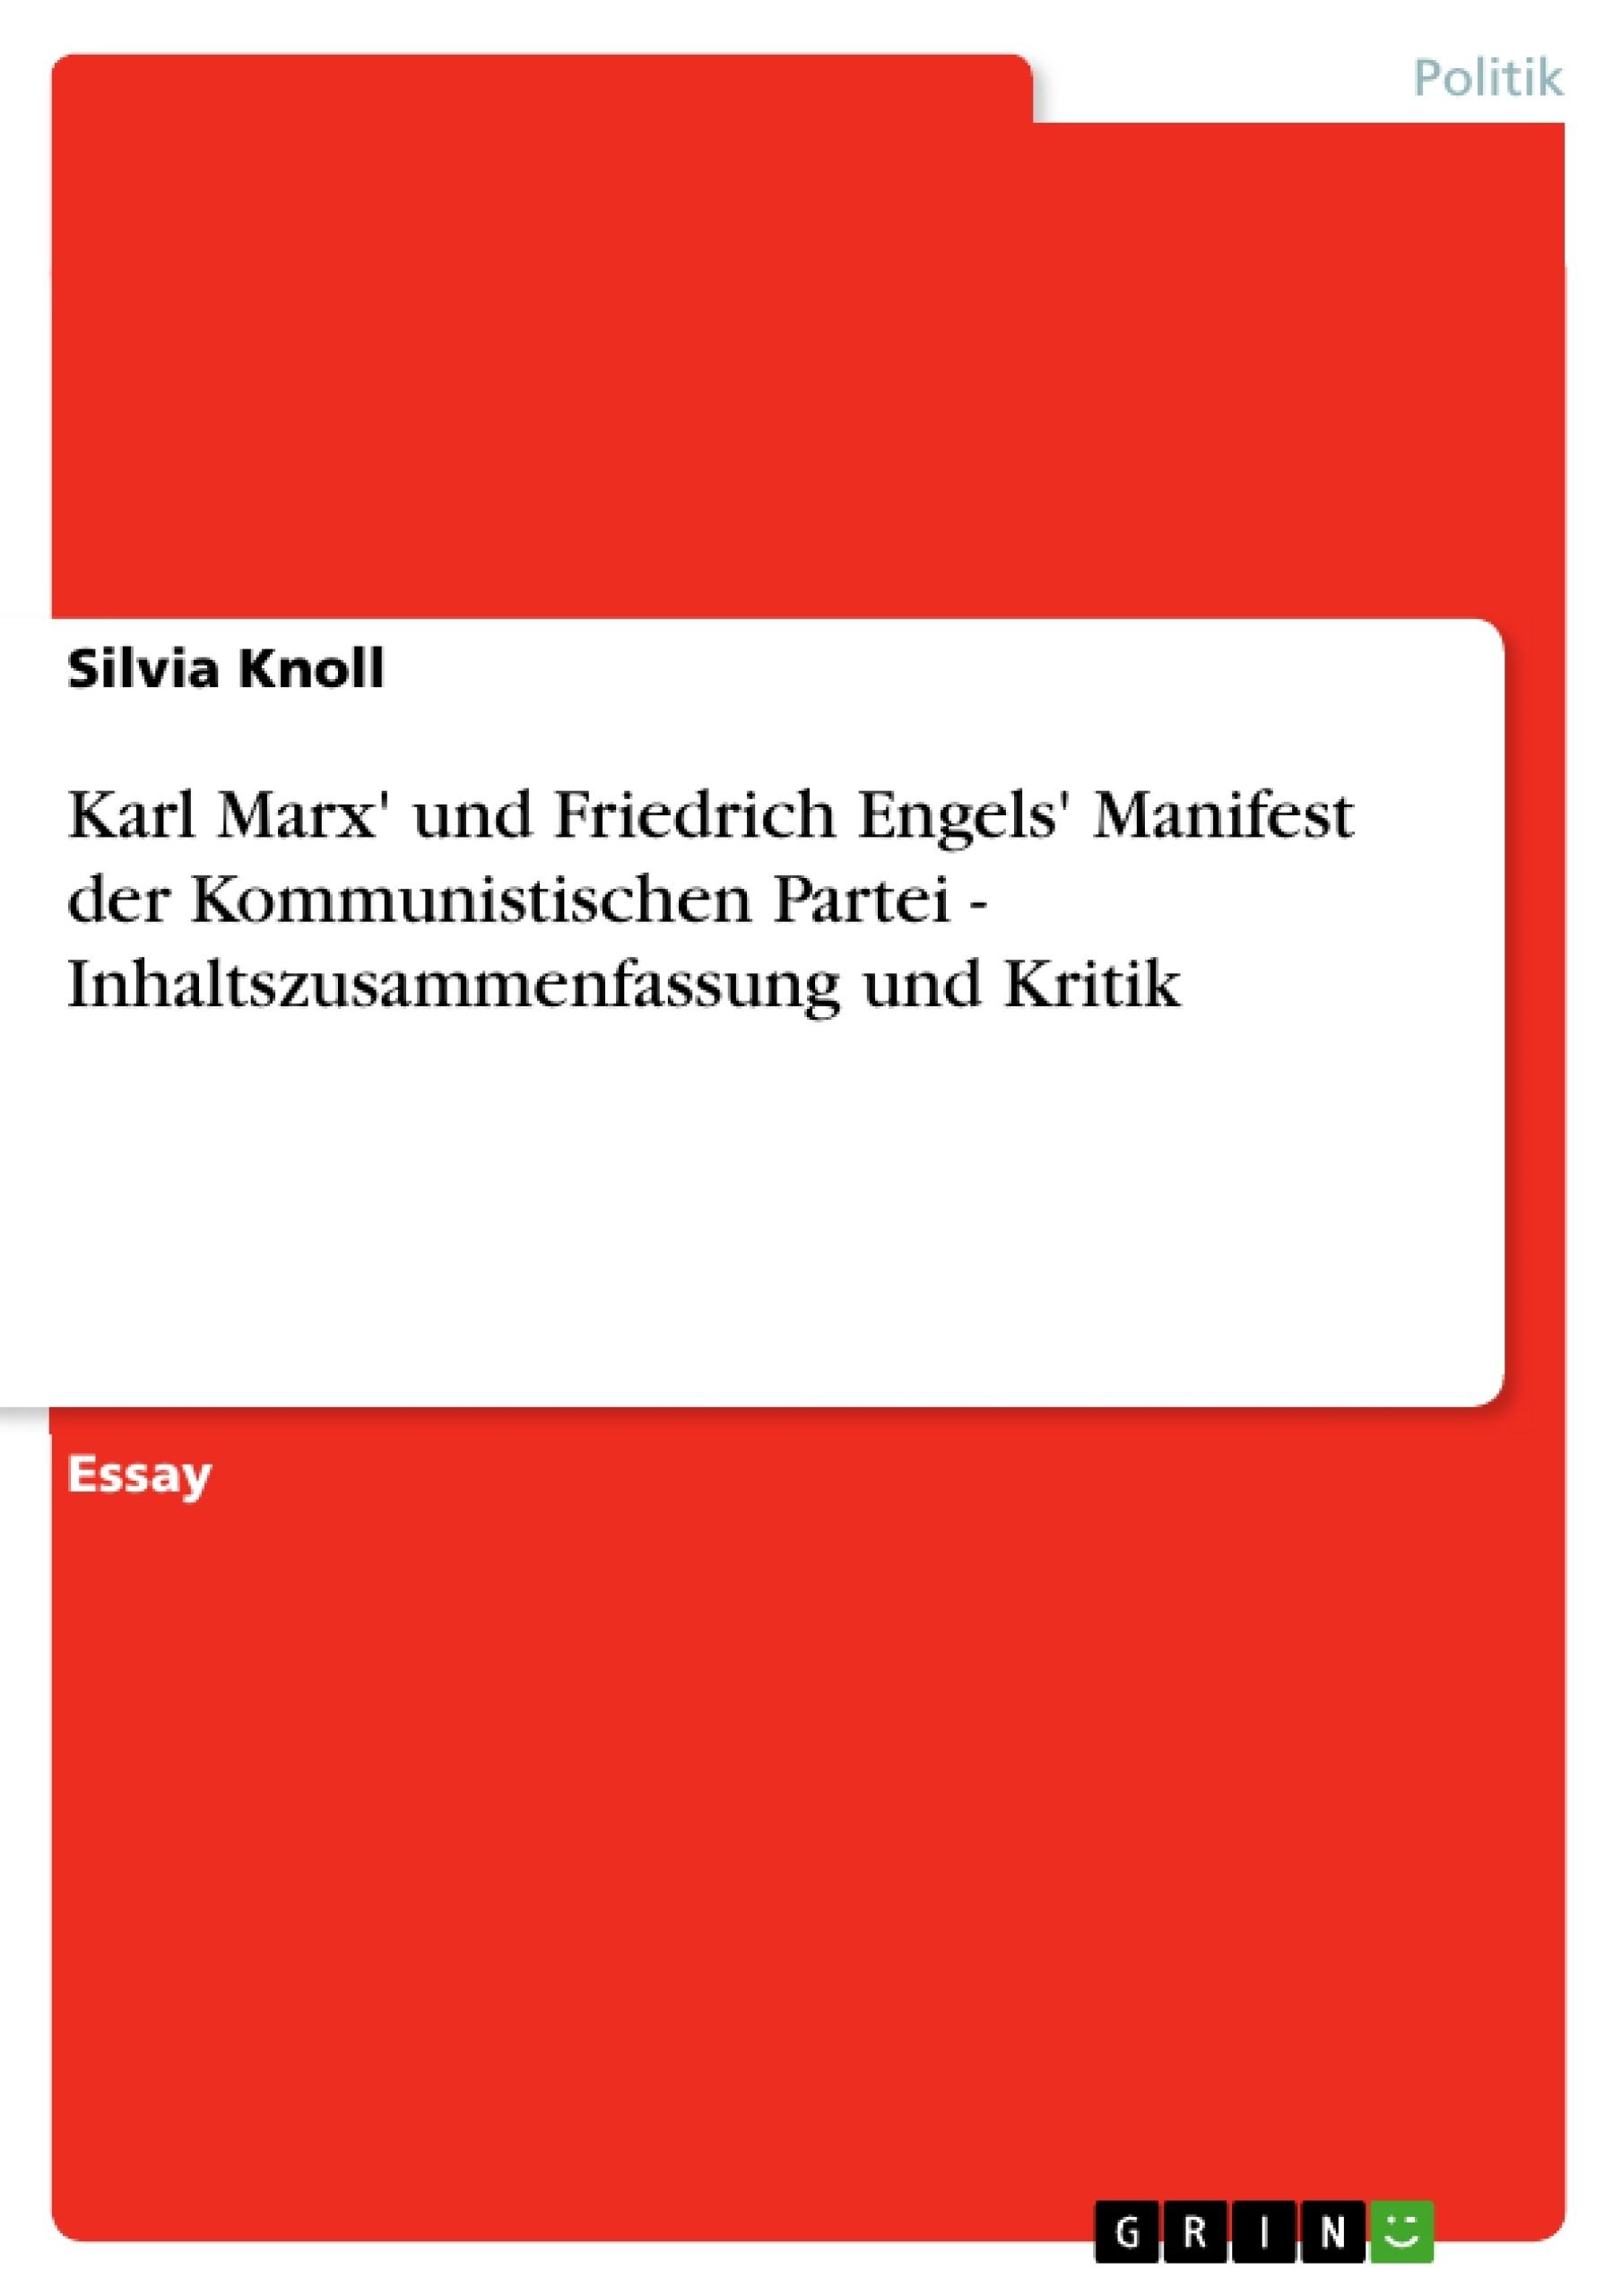 Titel: Karl Marx' und Friedrich Engels' Manifest der Kommunistischen Partei - Inhaltszusammenfassung und Kritik